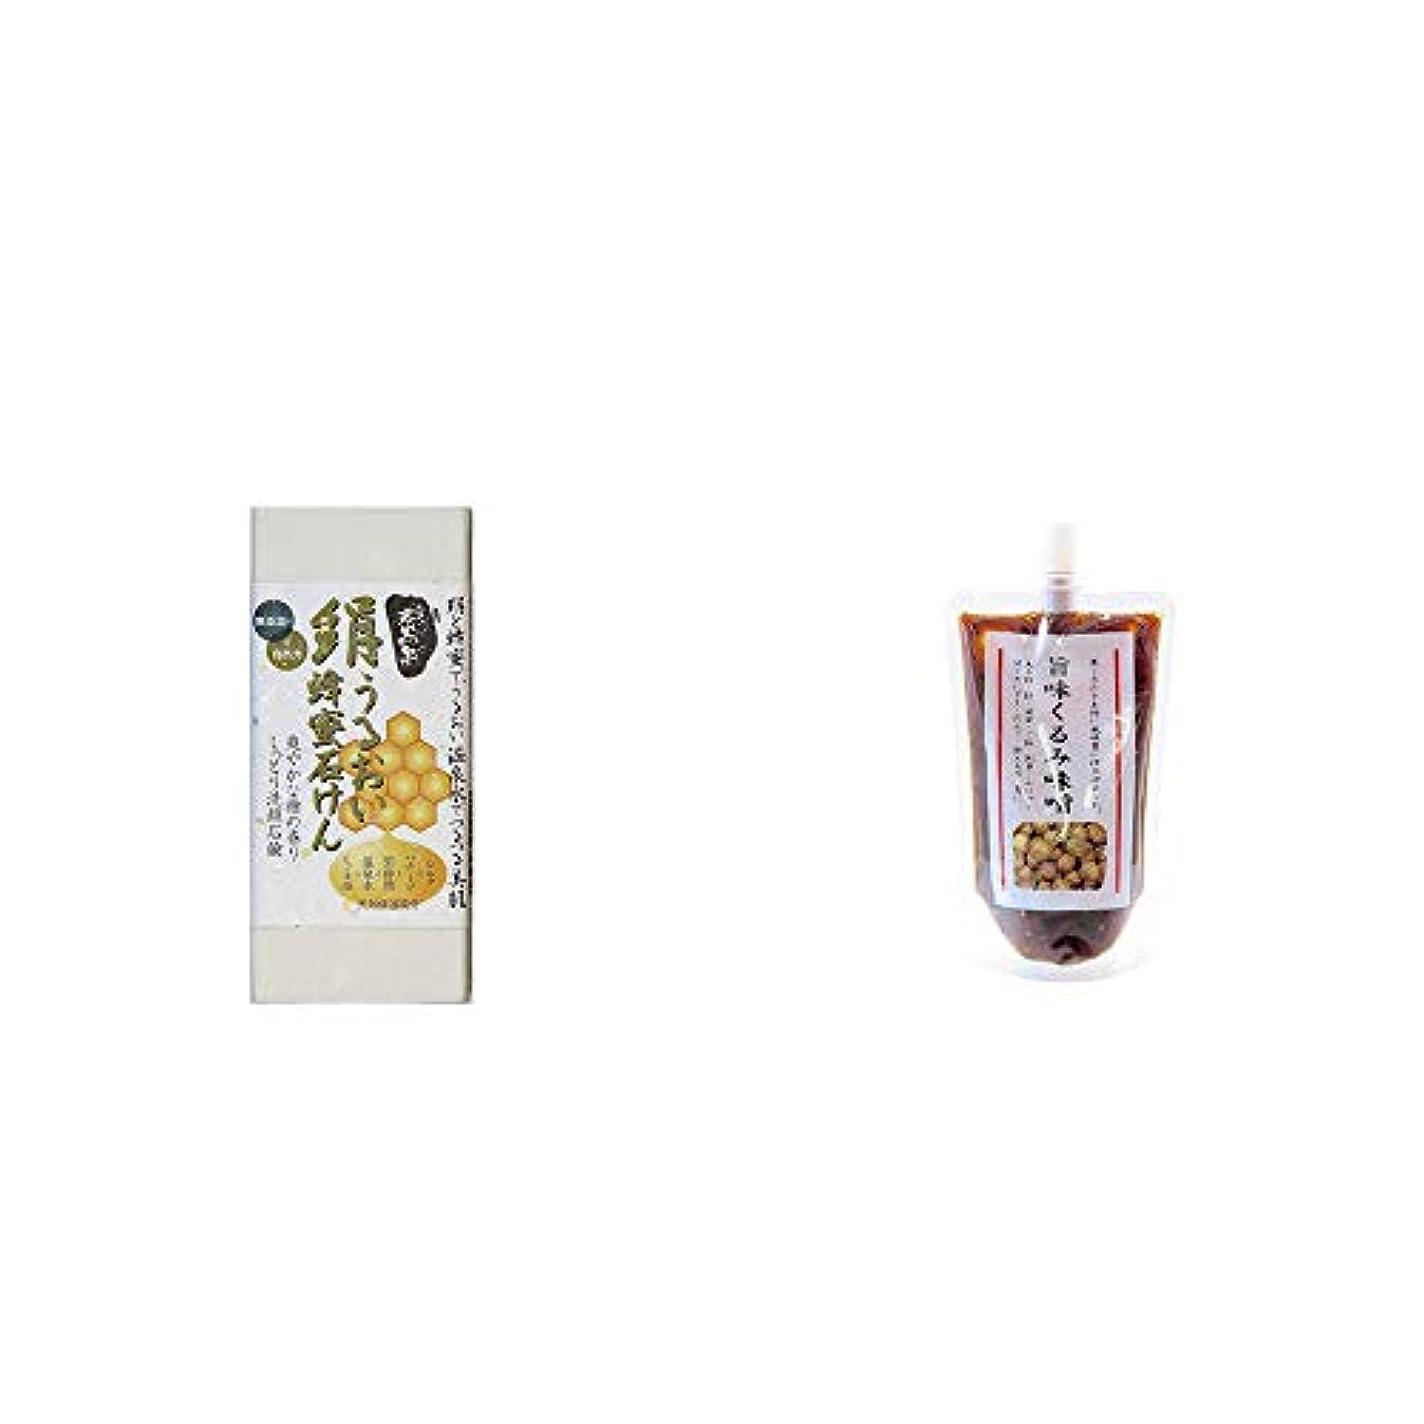 オフ広範囲塊[2点セット] ひのき炭黒泉 絹うるおい蜂蜜石けん(75g×2)?旨味くるみ味噌(260g)